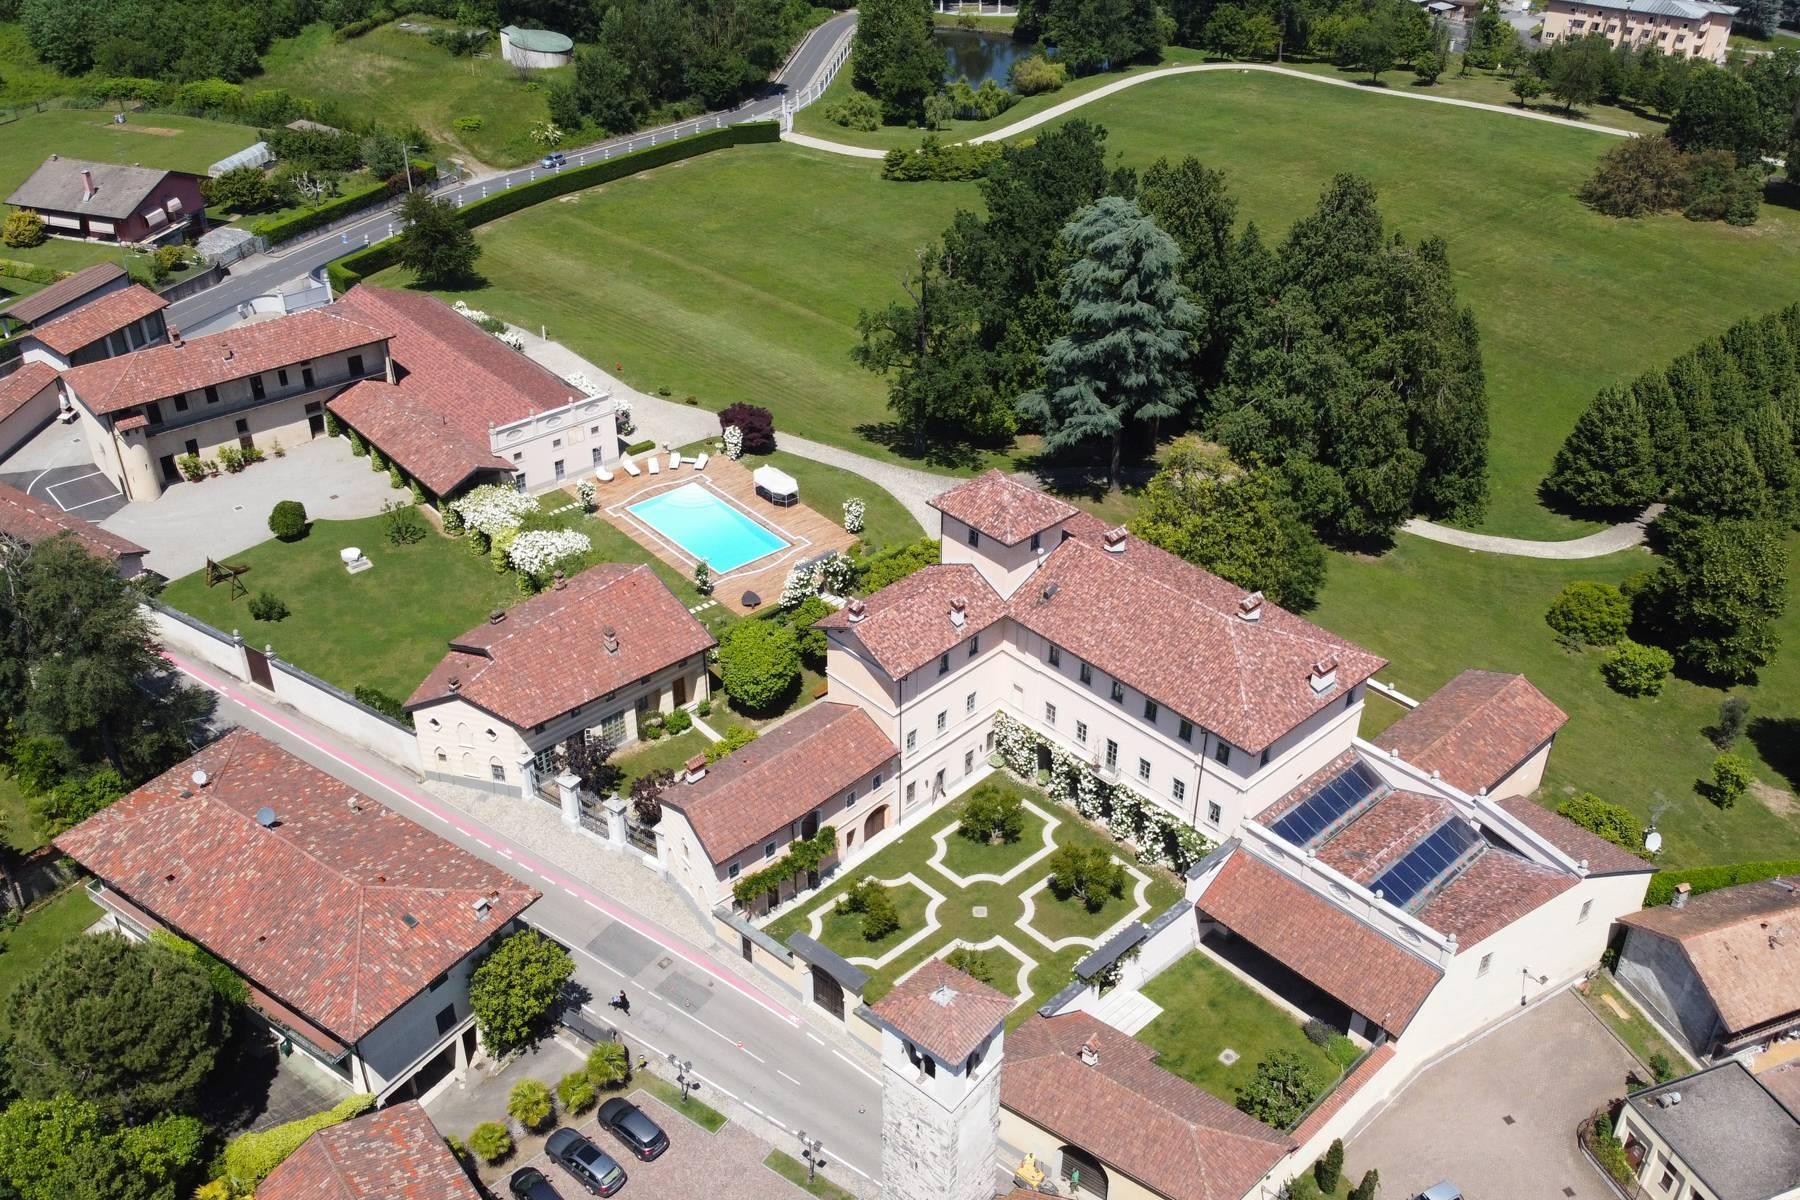 Antike Burg am Lago Maggiore - 2